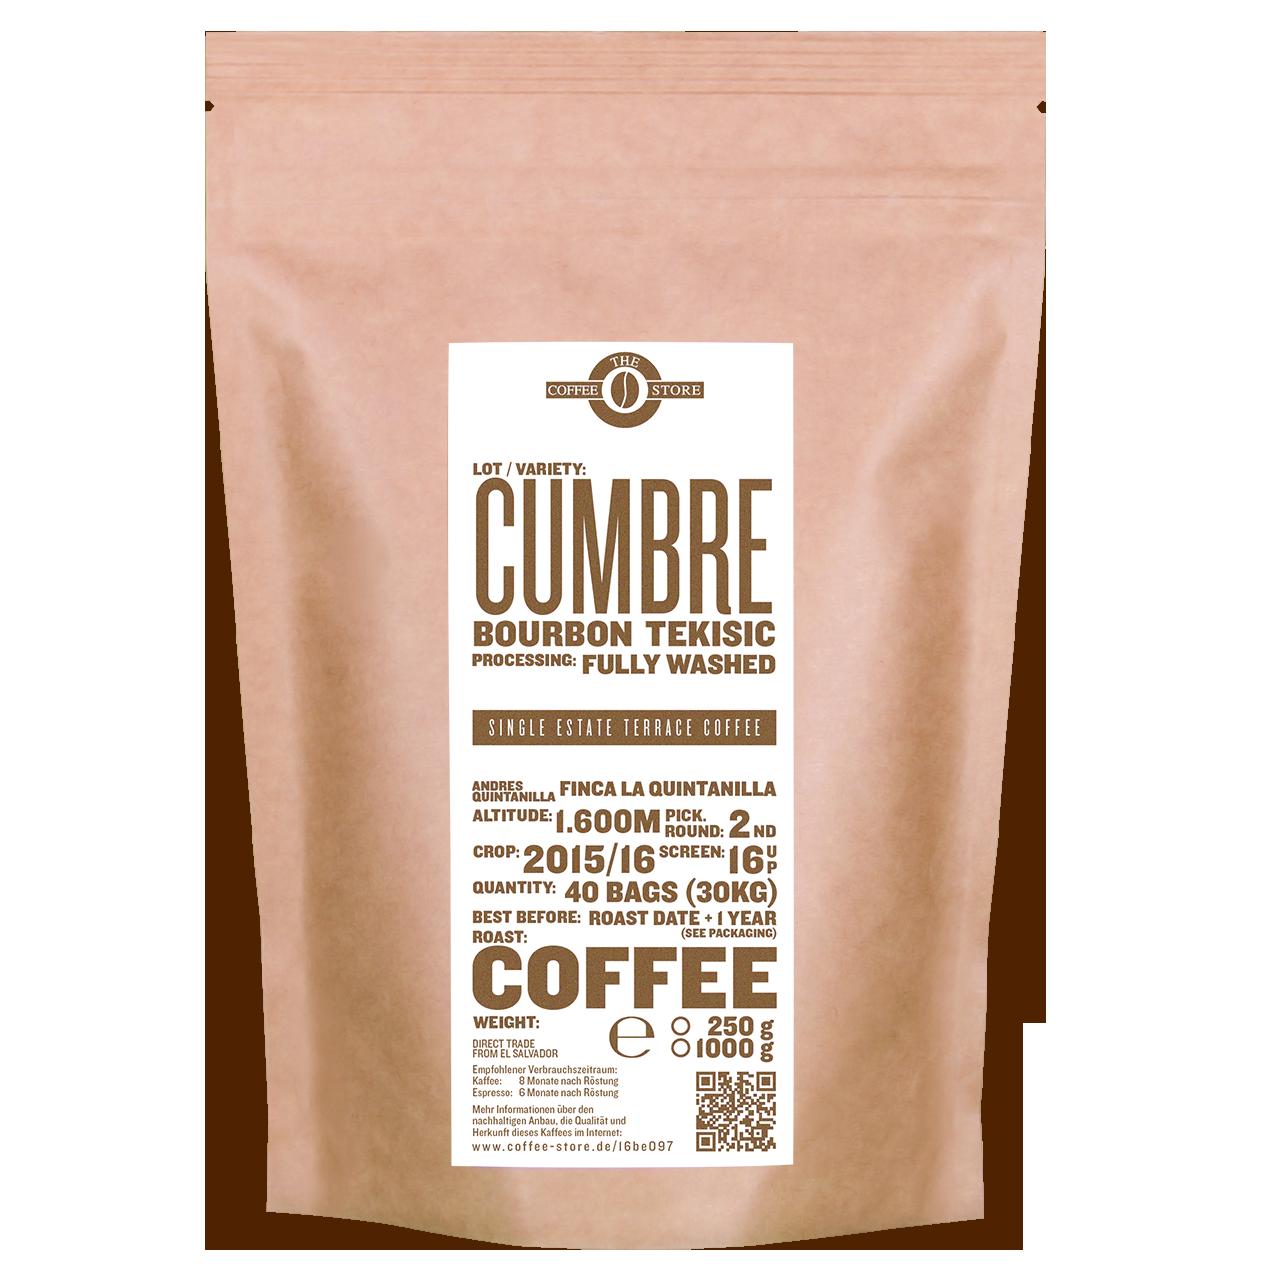 Eine Tüte gerösteter Kaffee von The Coffee Store. Kaffeeröstung Varietät Bourbon Tekisic.